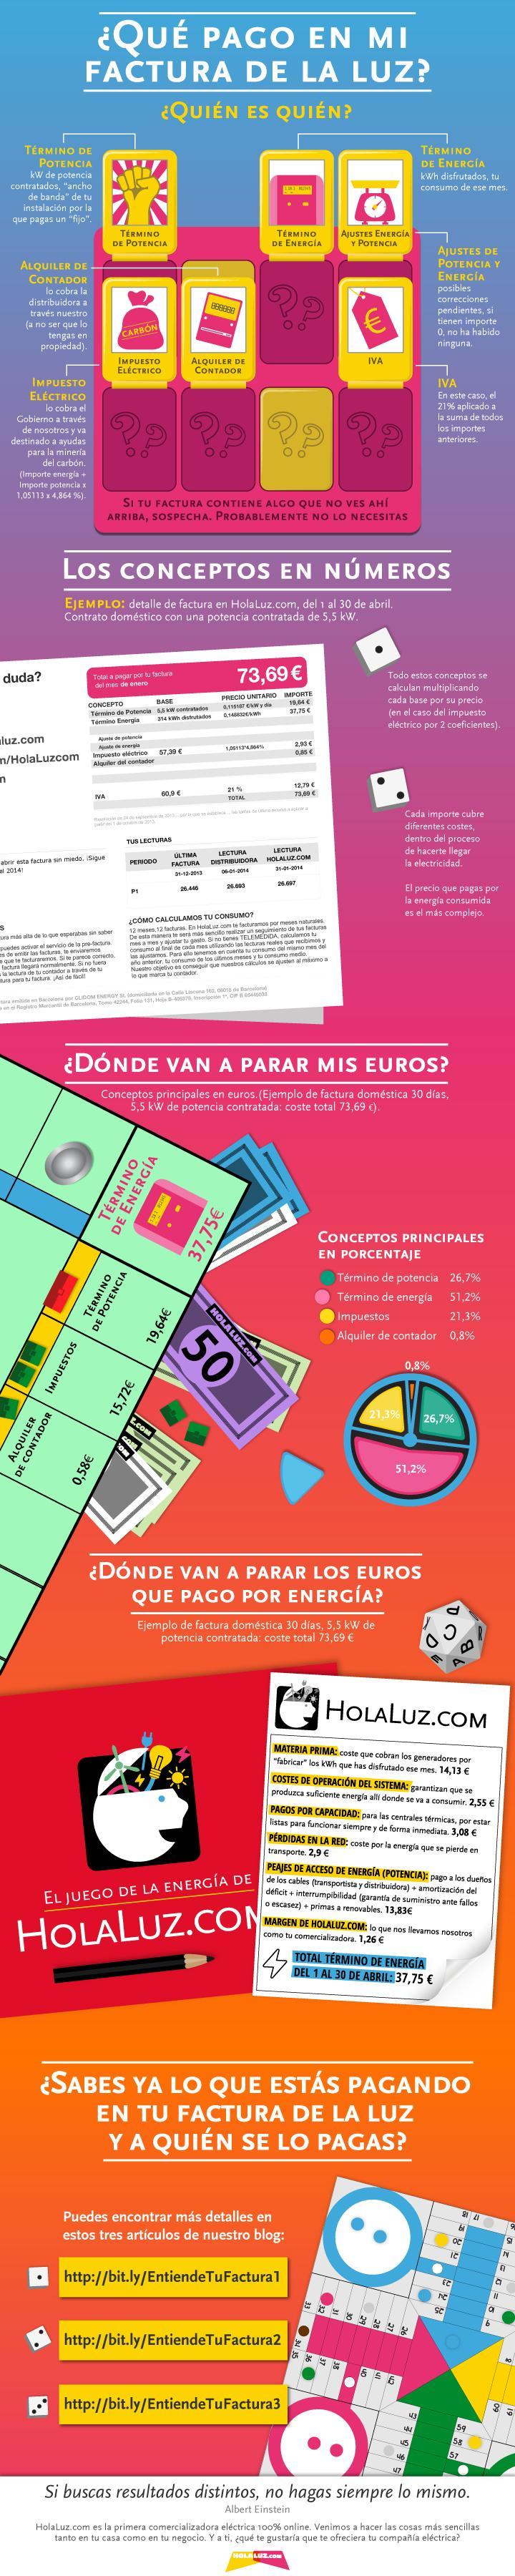 infografia_factura_entera